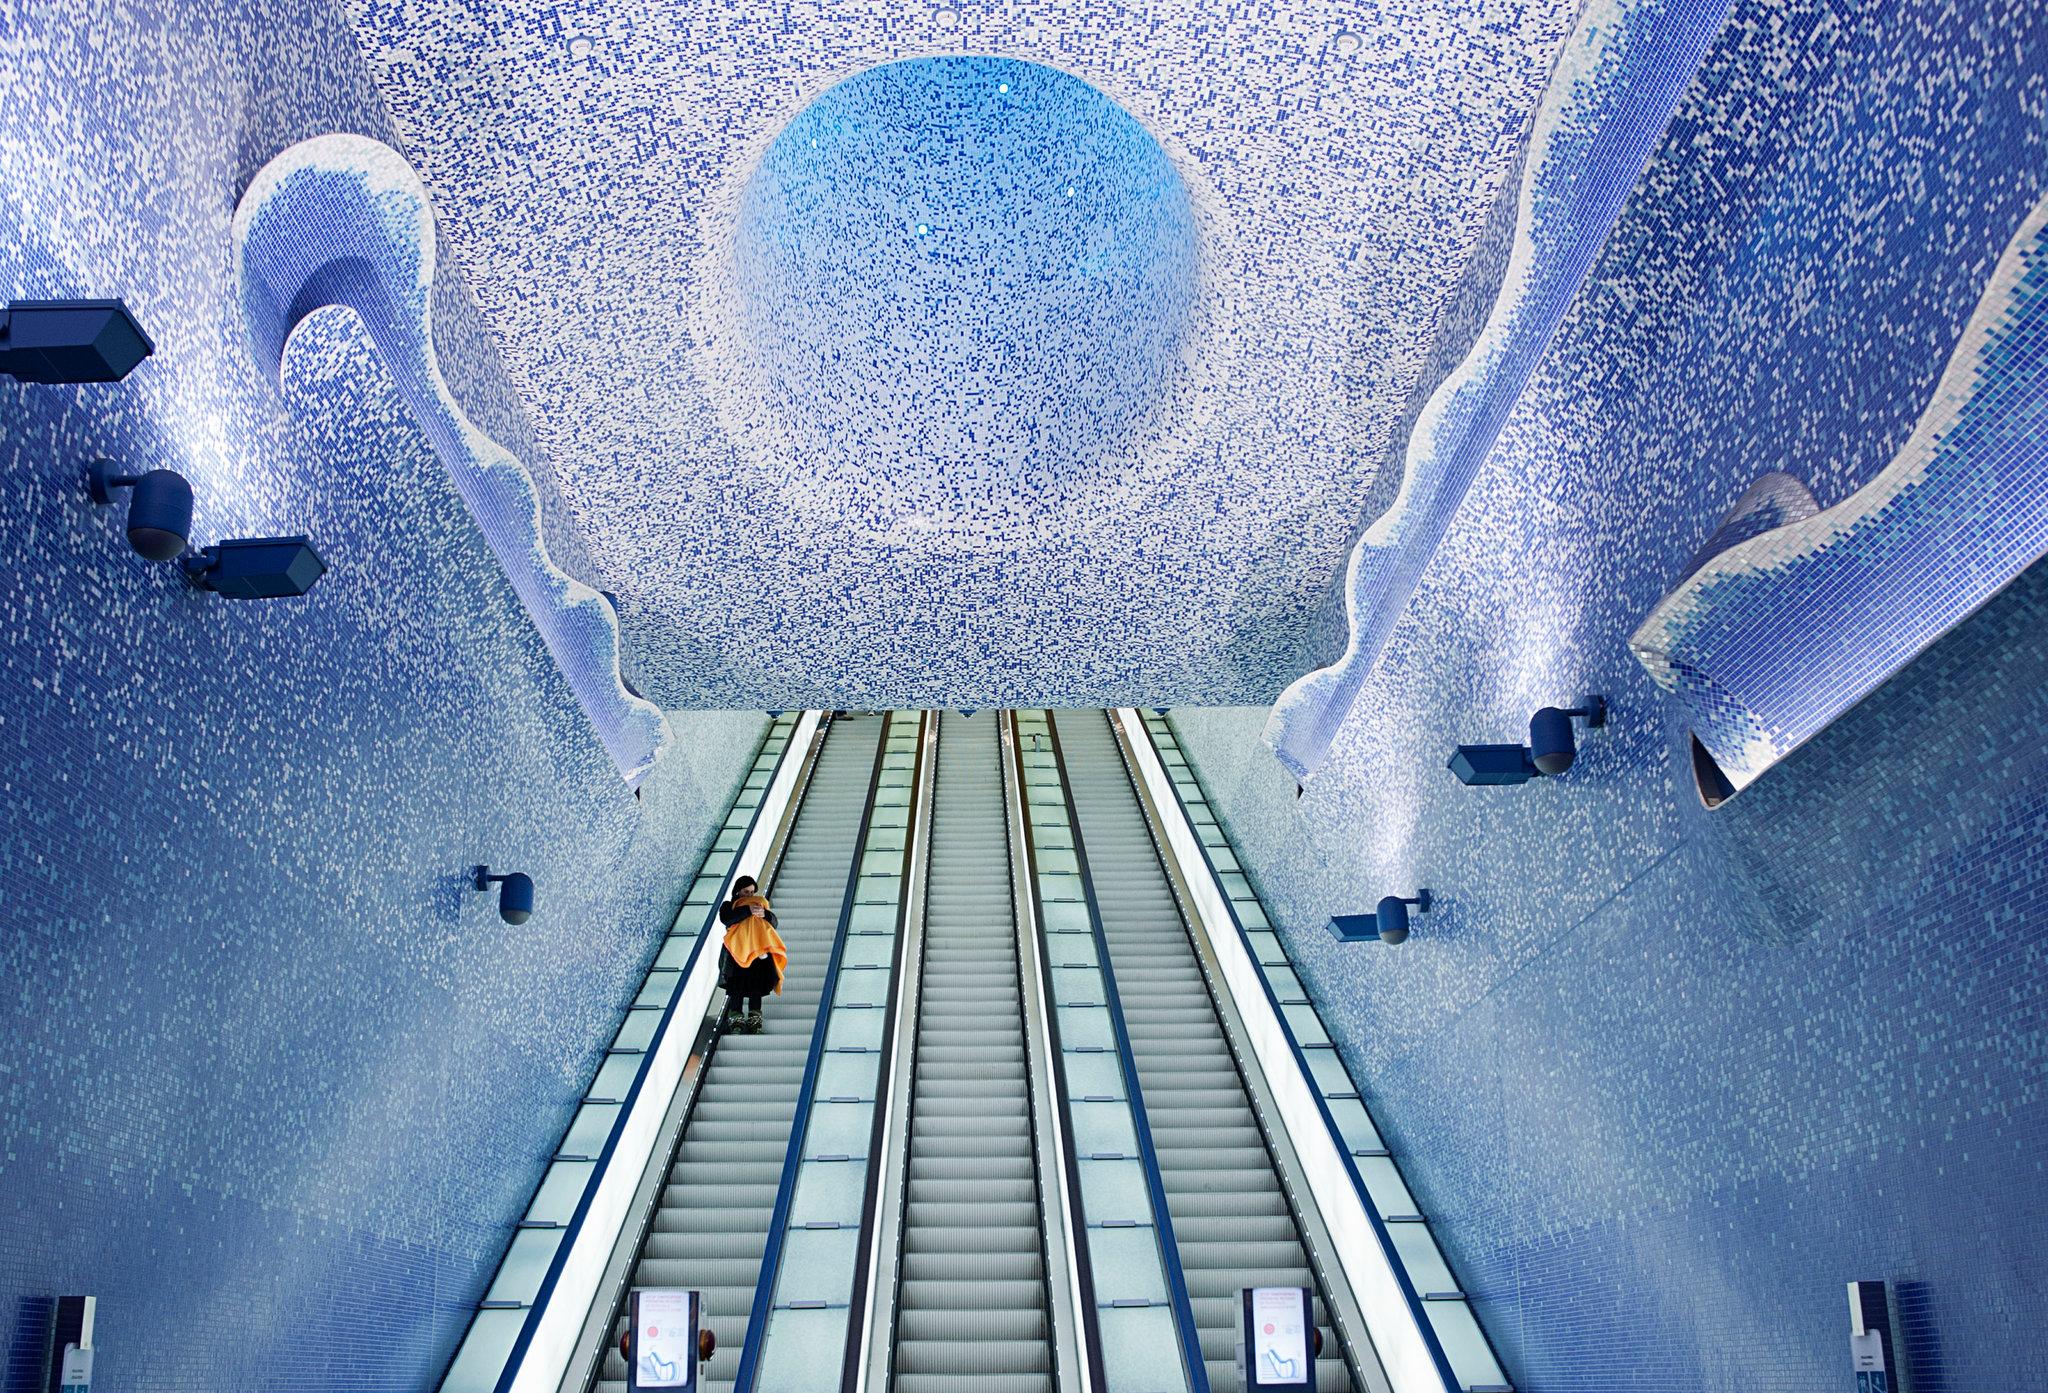 Hệ thống tàu điện ngầm Toledo được thiết kế dựa trên chủ đề của nước và ánh sáng